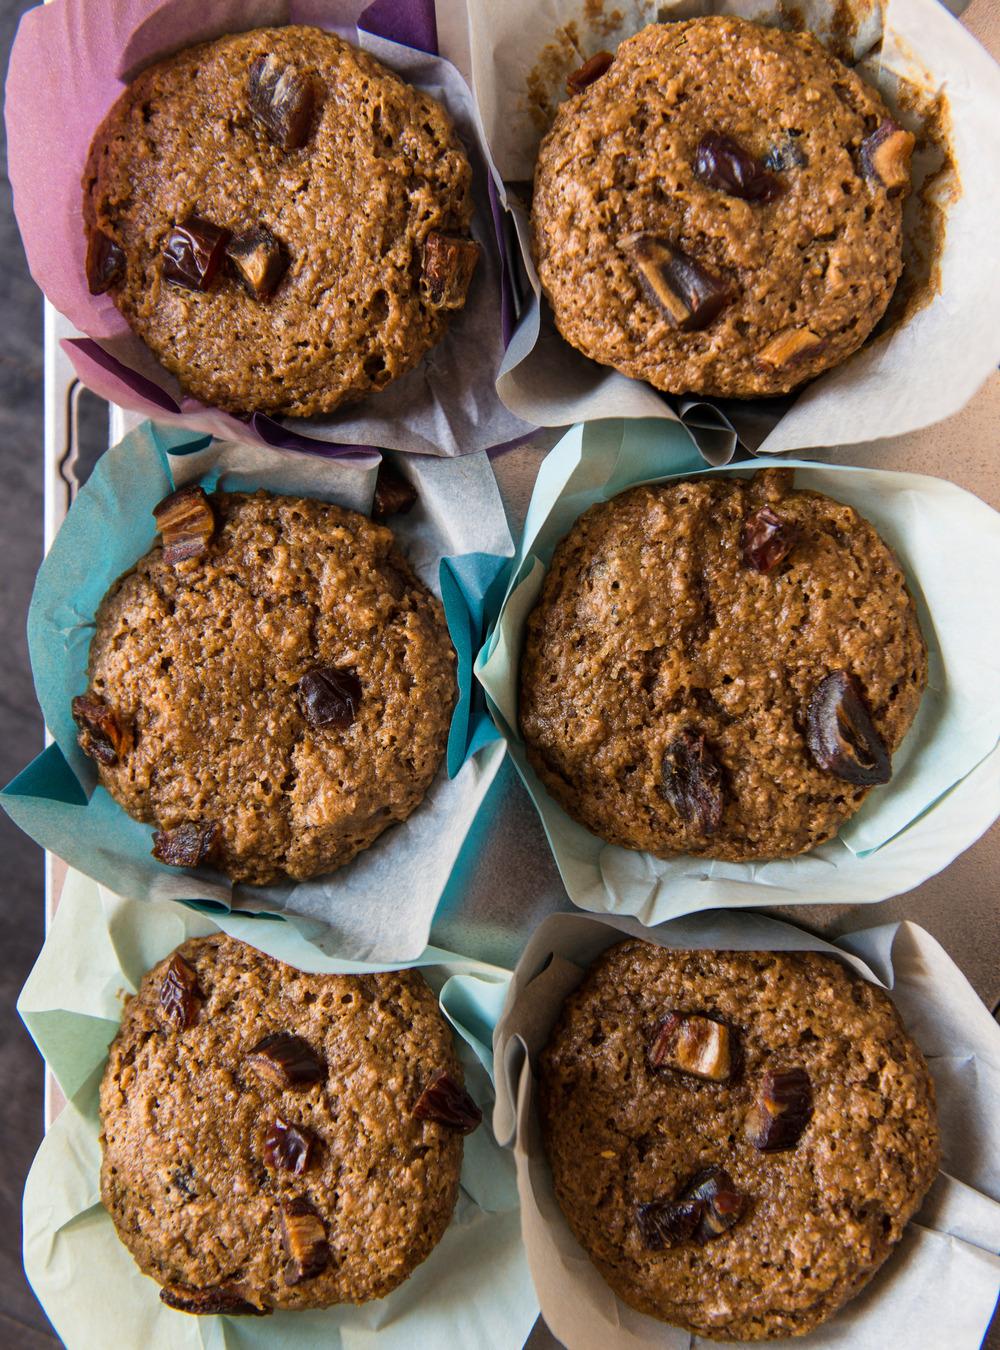 Muffins au son et aux dattes ricardo for Article de cuisine ricardo